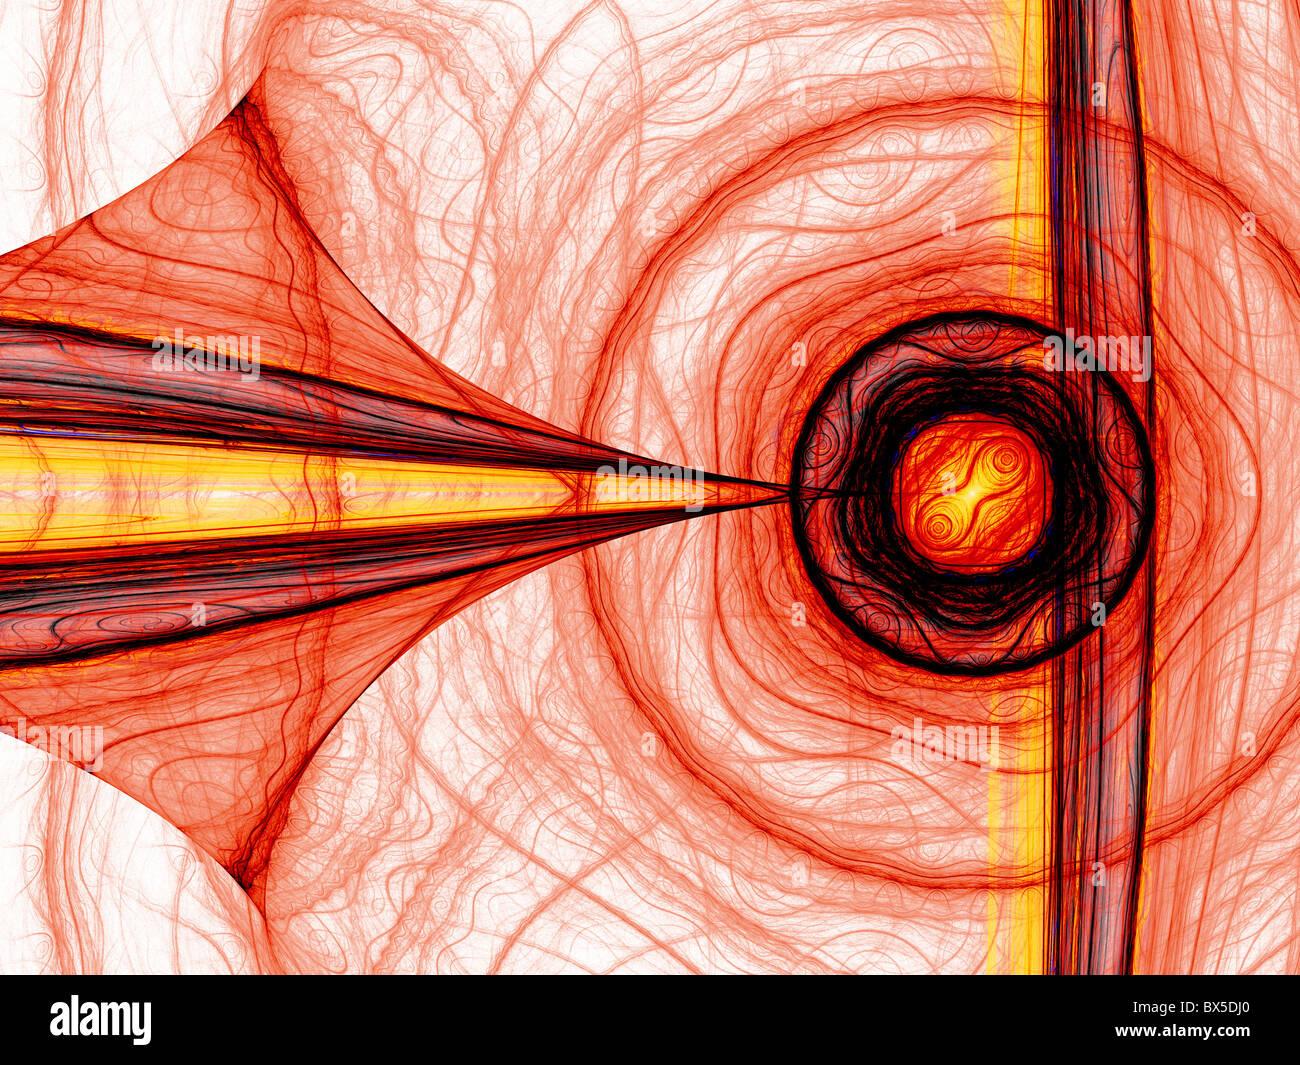 Abstrakte computergenerierte roter Energie Fraktal. Gut als Hintergrund oder Wallpaper.Stockfoto